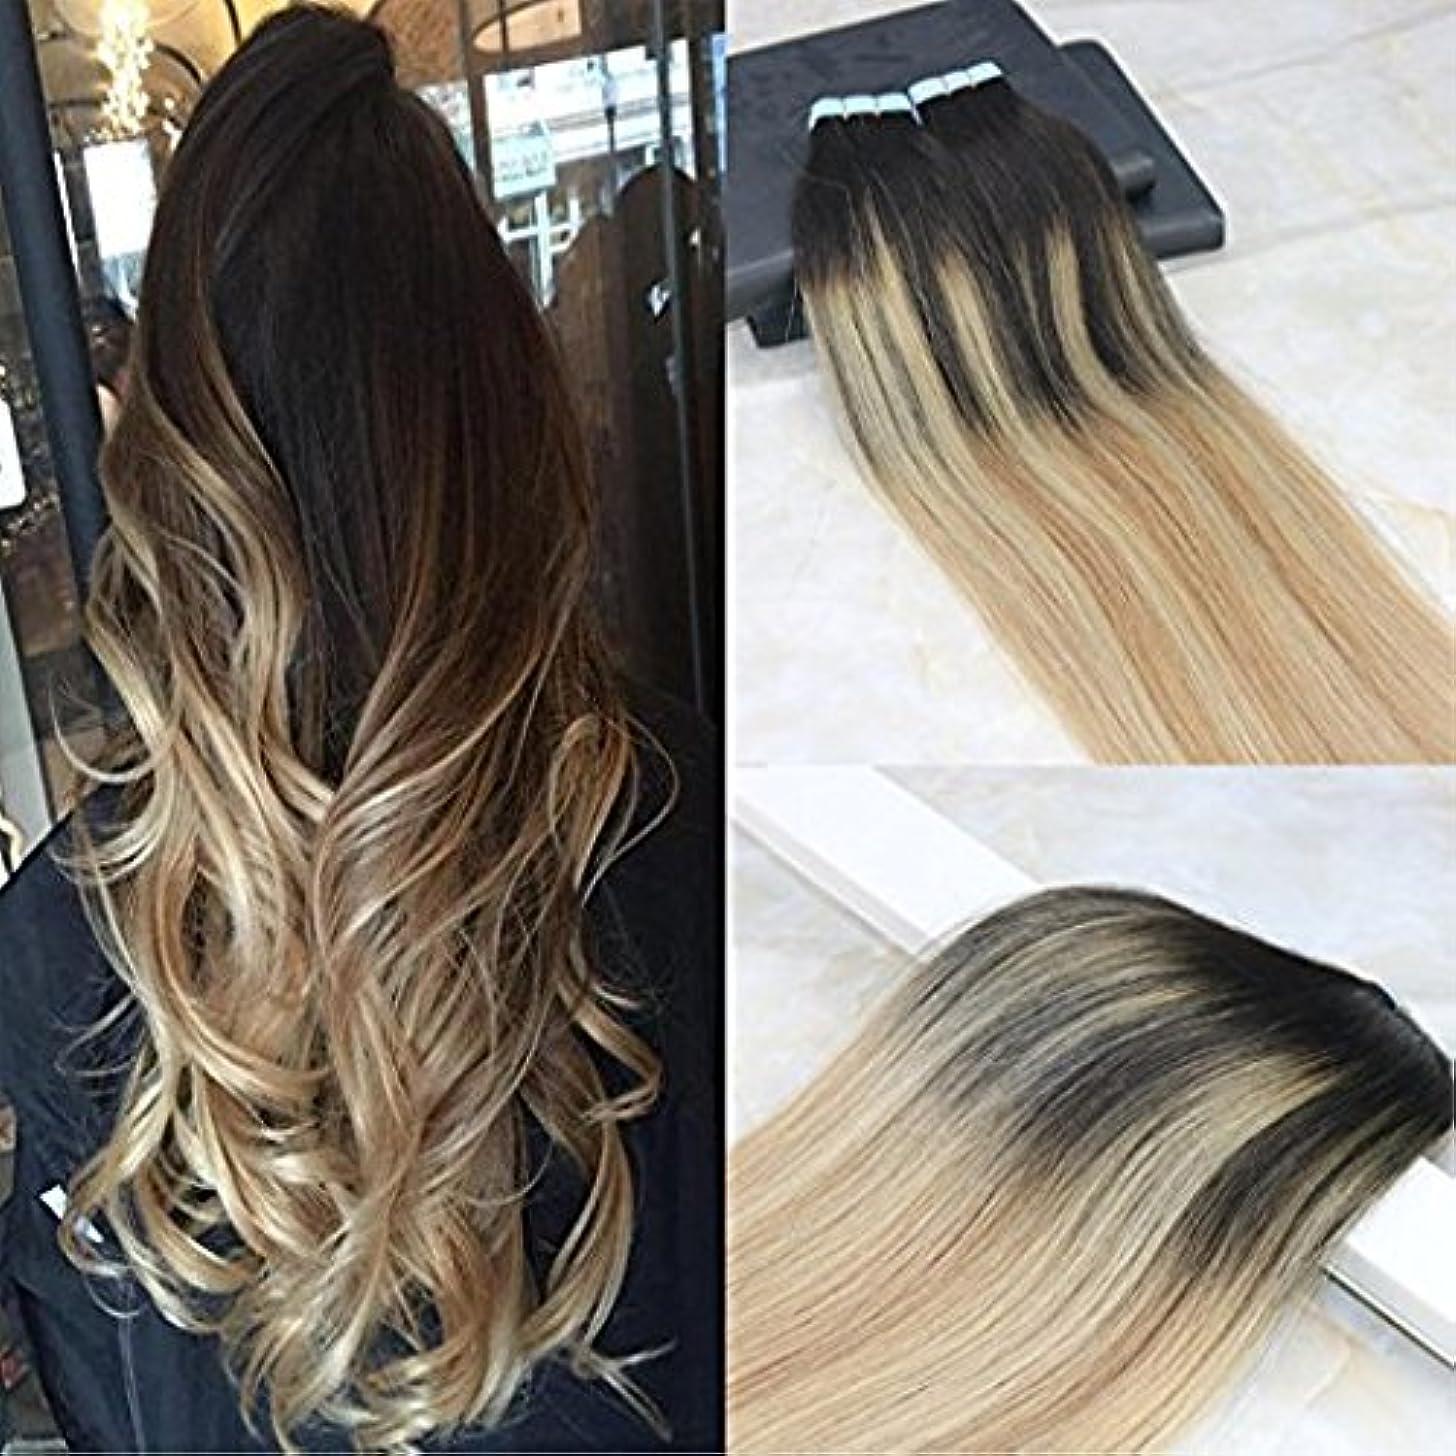 無駄だ同様の普遍的なHairDancing 45cm Tape in Remy Hair Extensions Balayage Hair Color Dark Brown #2 Fading to #12 Mixed #613 Bleach...